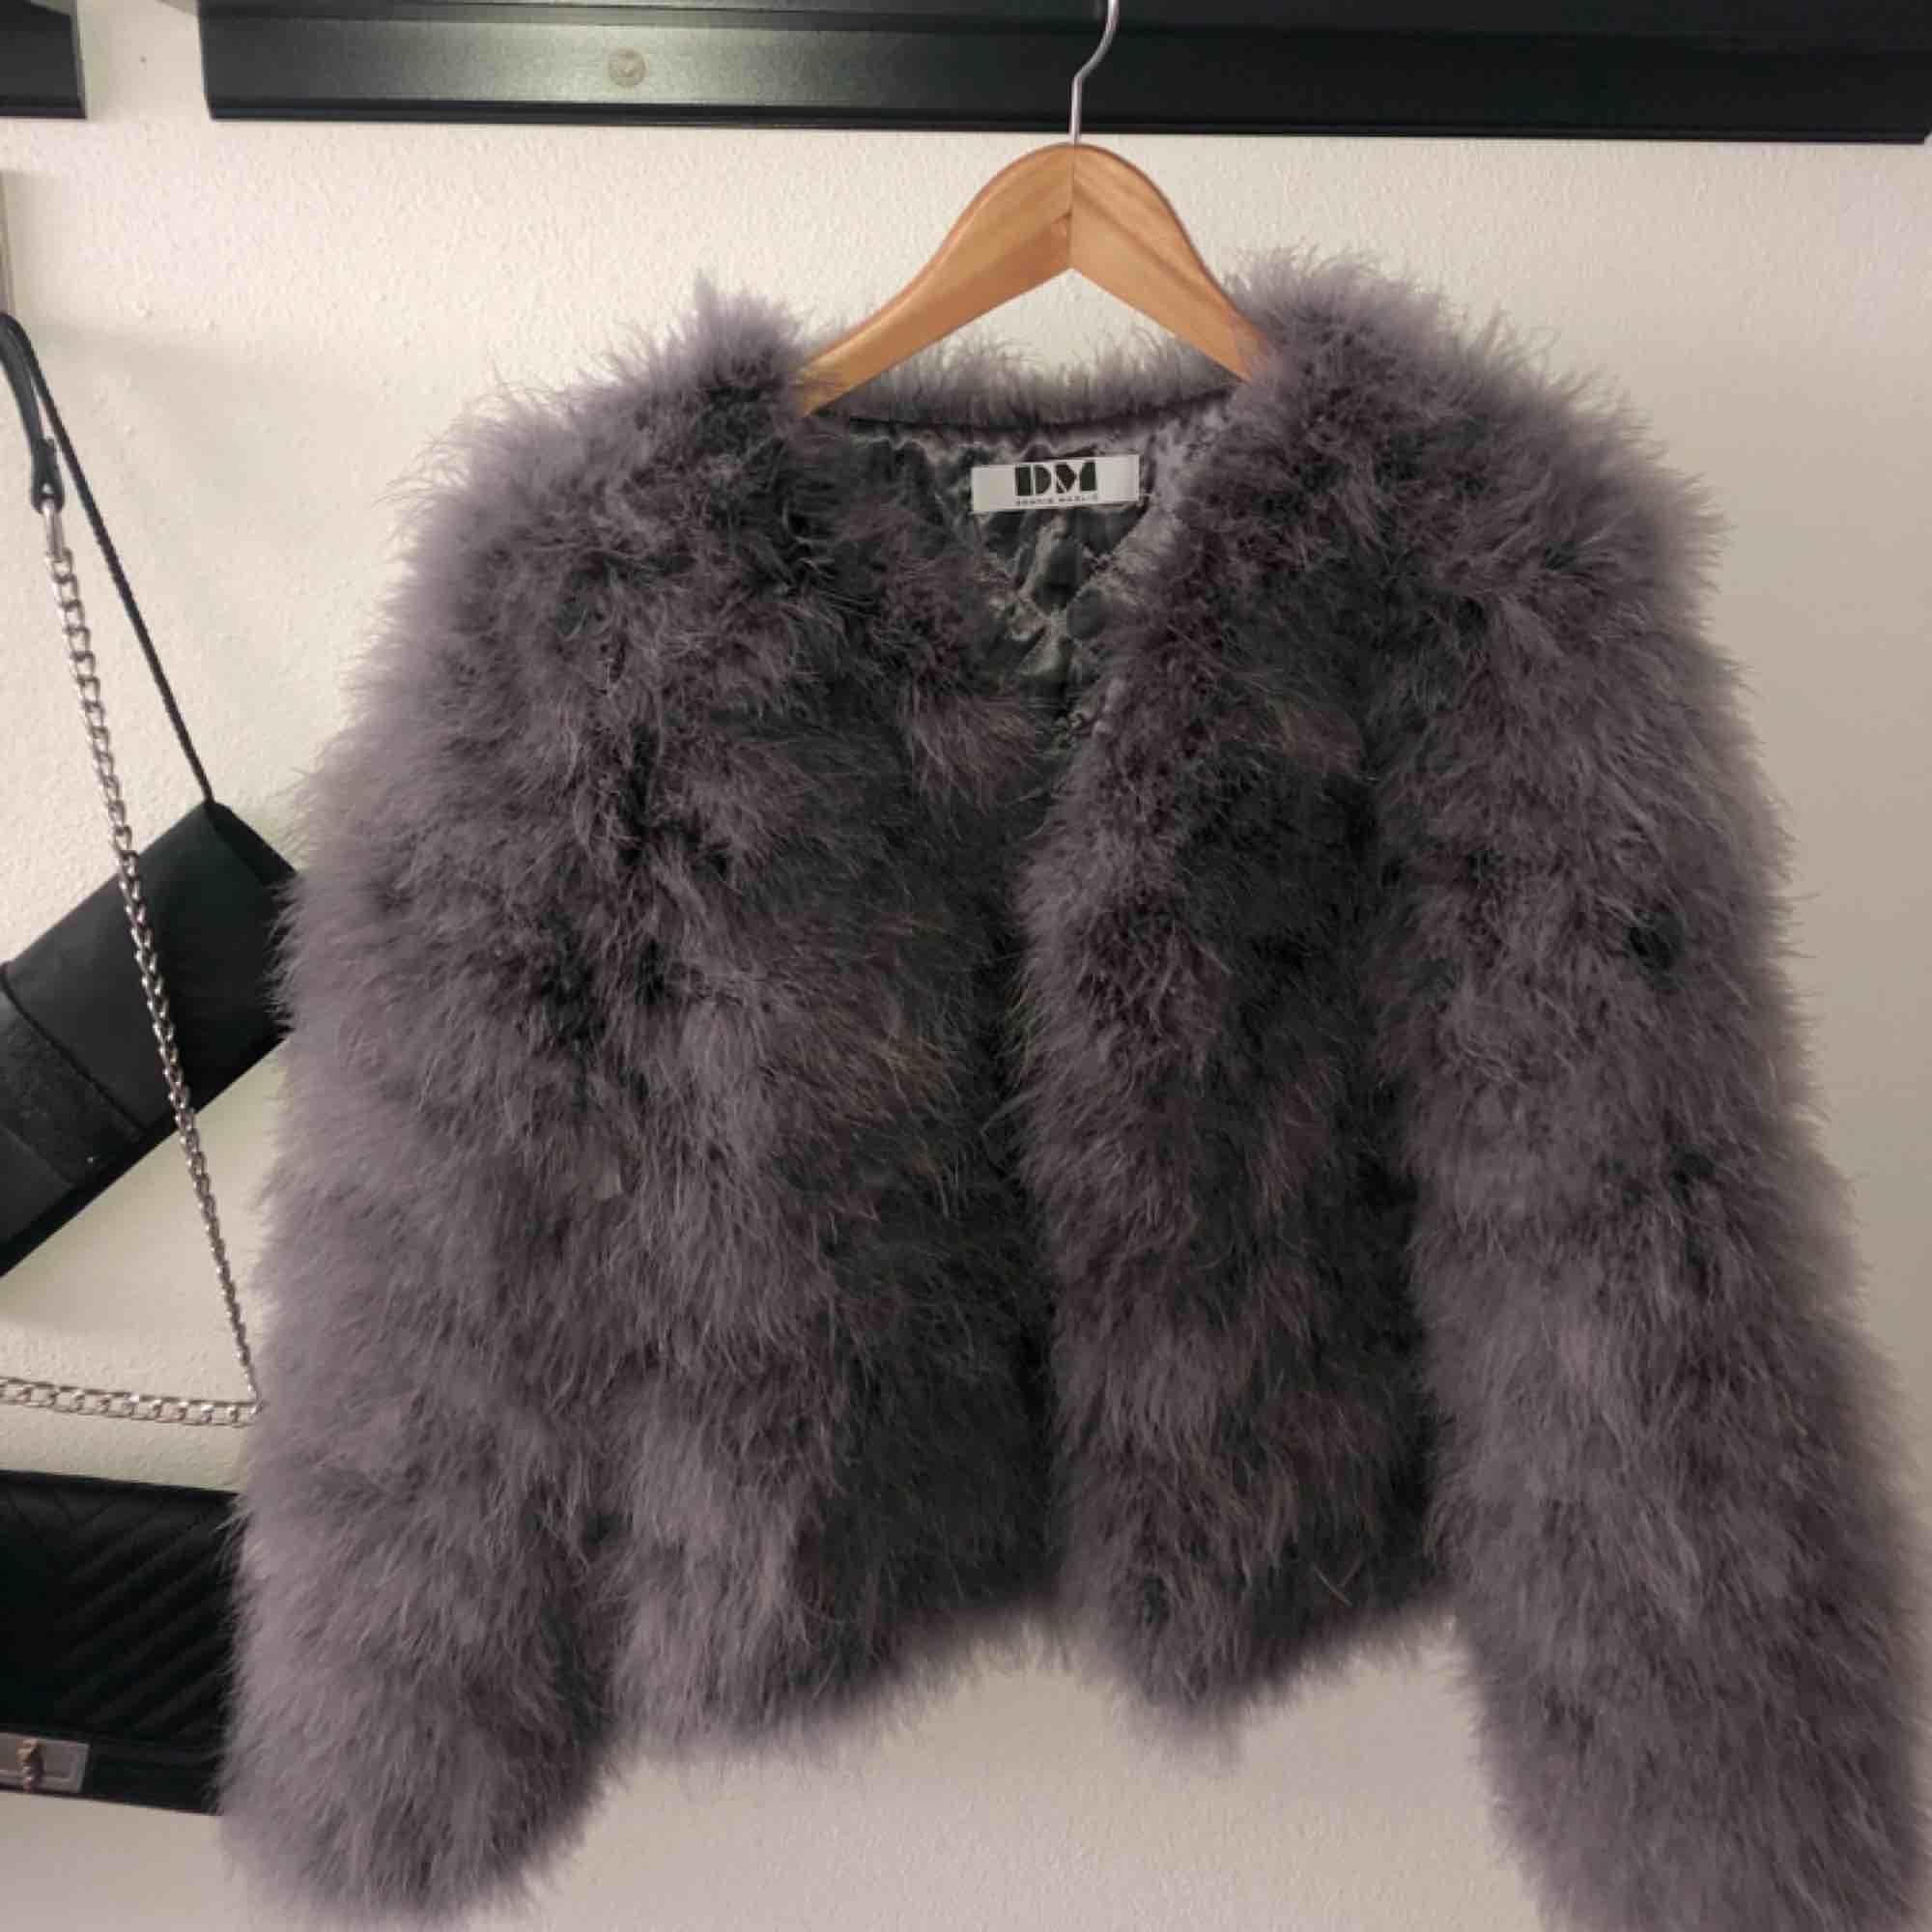 Säljer ännu en dream jacket (hihi) eftersom jag tyvärr inte haft möjlighet att ha på mig den så mycket. Nästan inte använd alls, och är därmed i fint skick. Nypris 1,4. Tar endast swish å frakt tillkommer. Xoxo. Jackor.